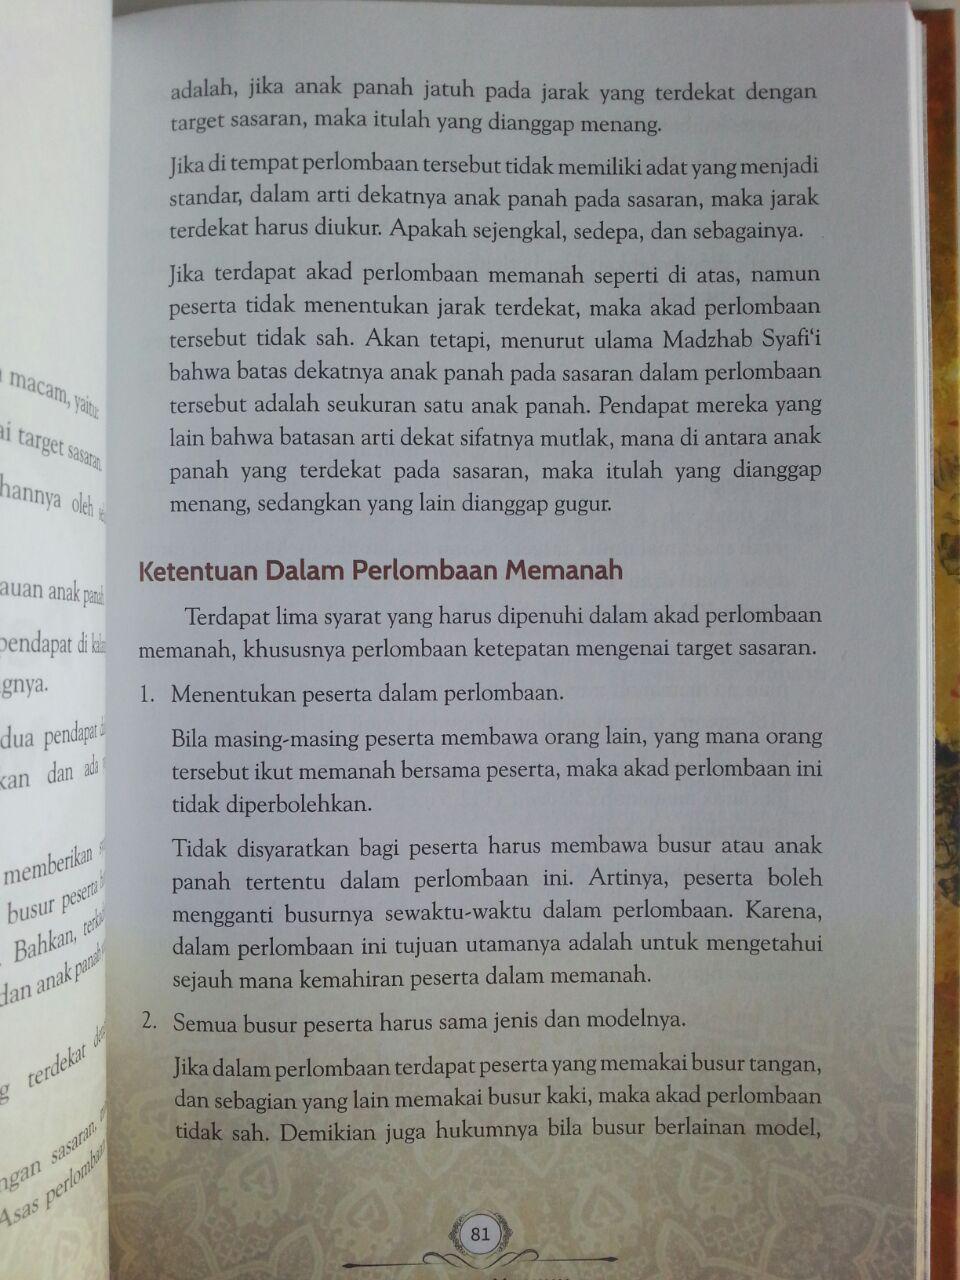 Buku Teknik Memanah Dalam Islam Dan Ketangkasan Lain Bergambar isi 4